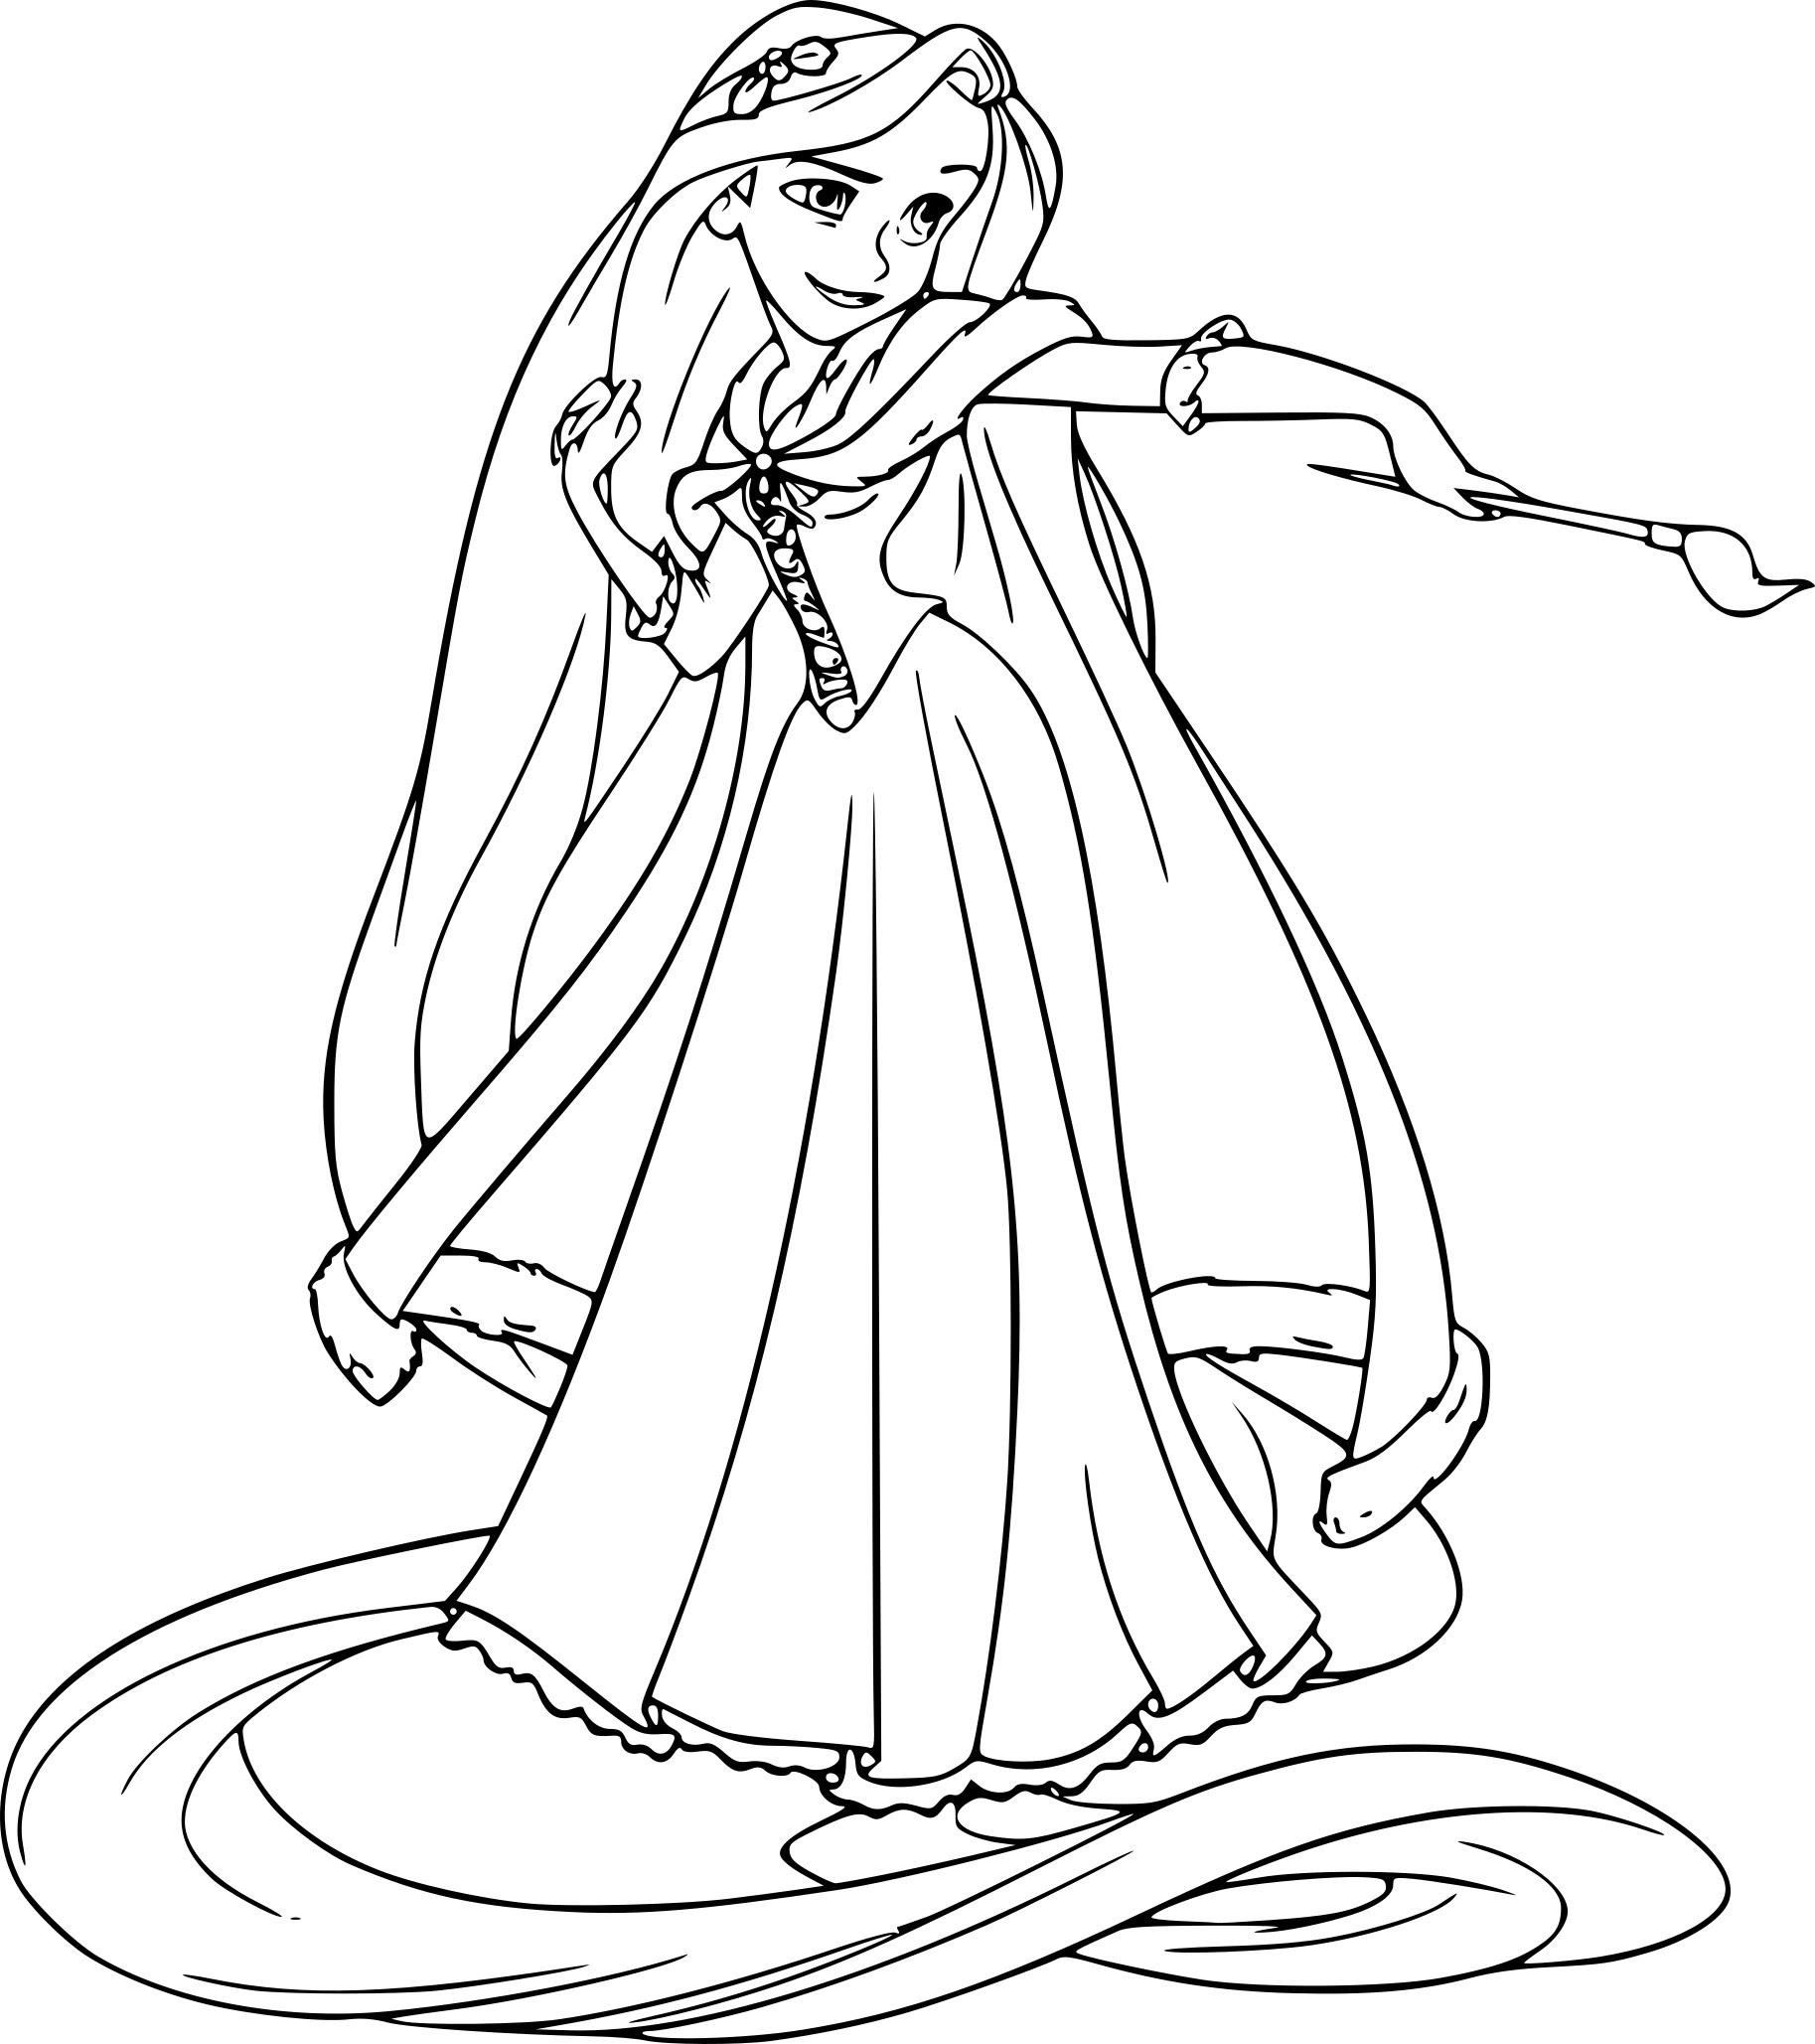 Coloriage Princesse Raiponce à Imprimer Gratuit